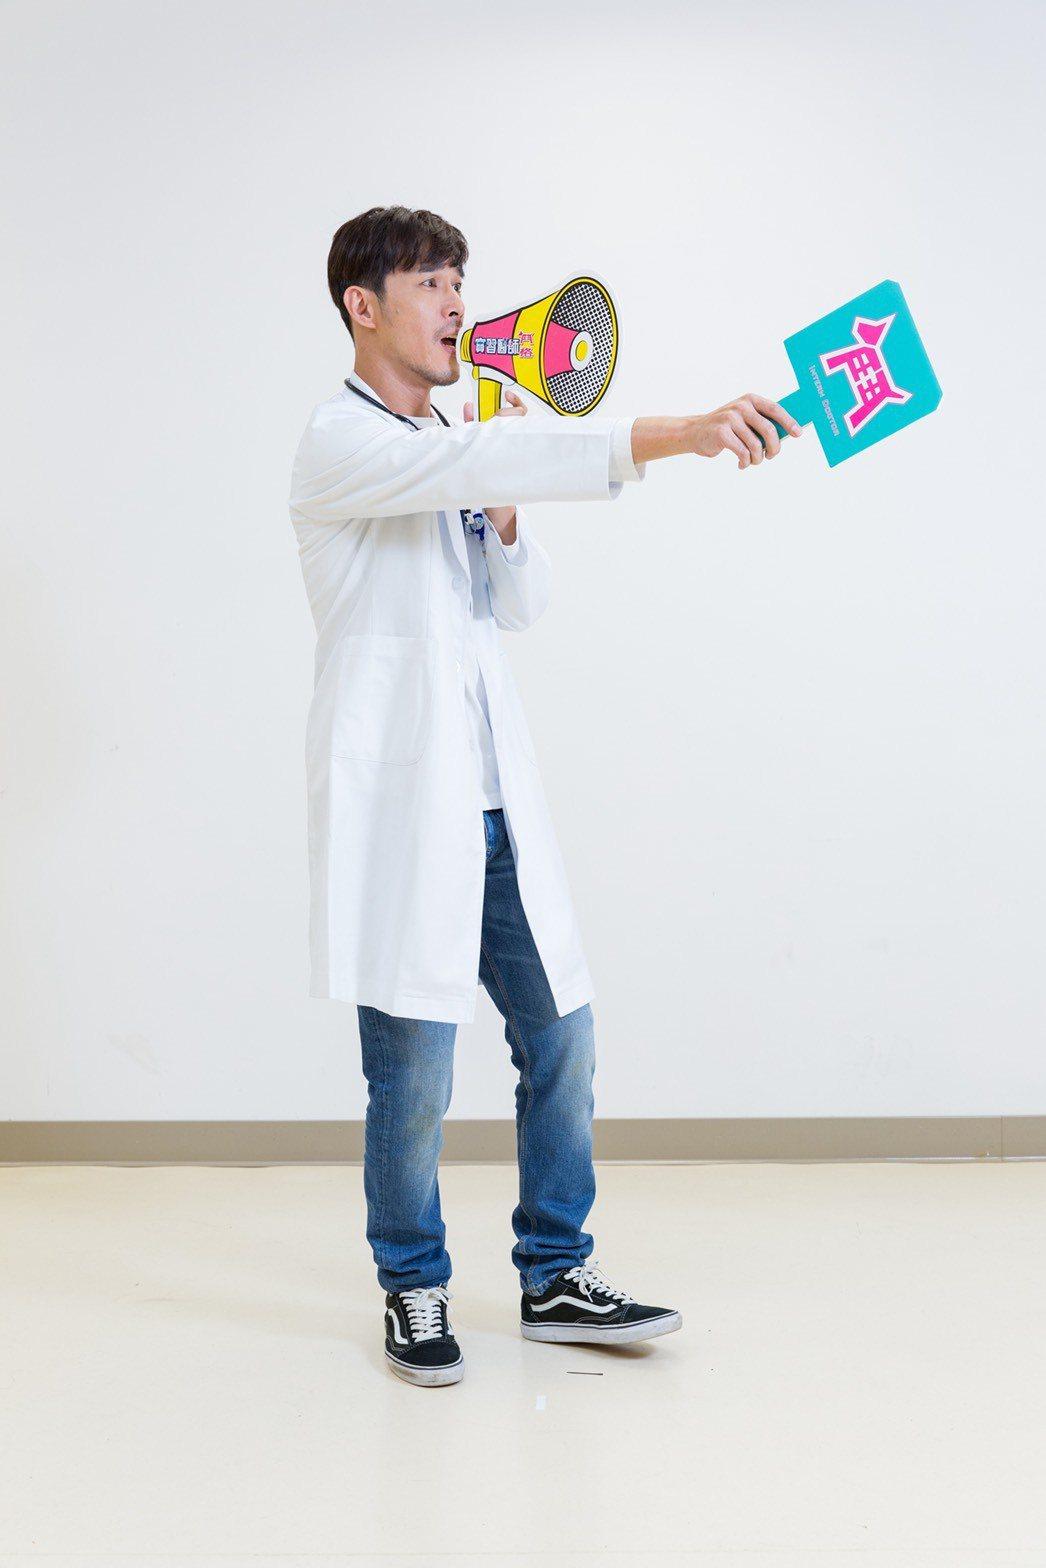 黃騰浩加入「實習醫師鬥格」,有別過去憂鬱形象,第一次演喜劇。圖/民視提供